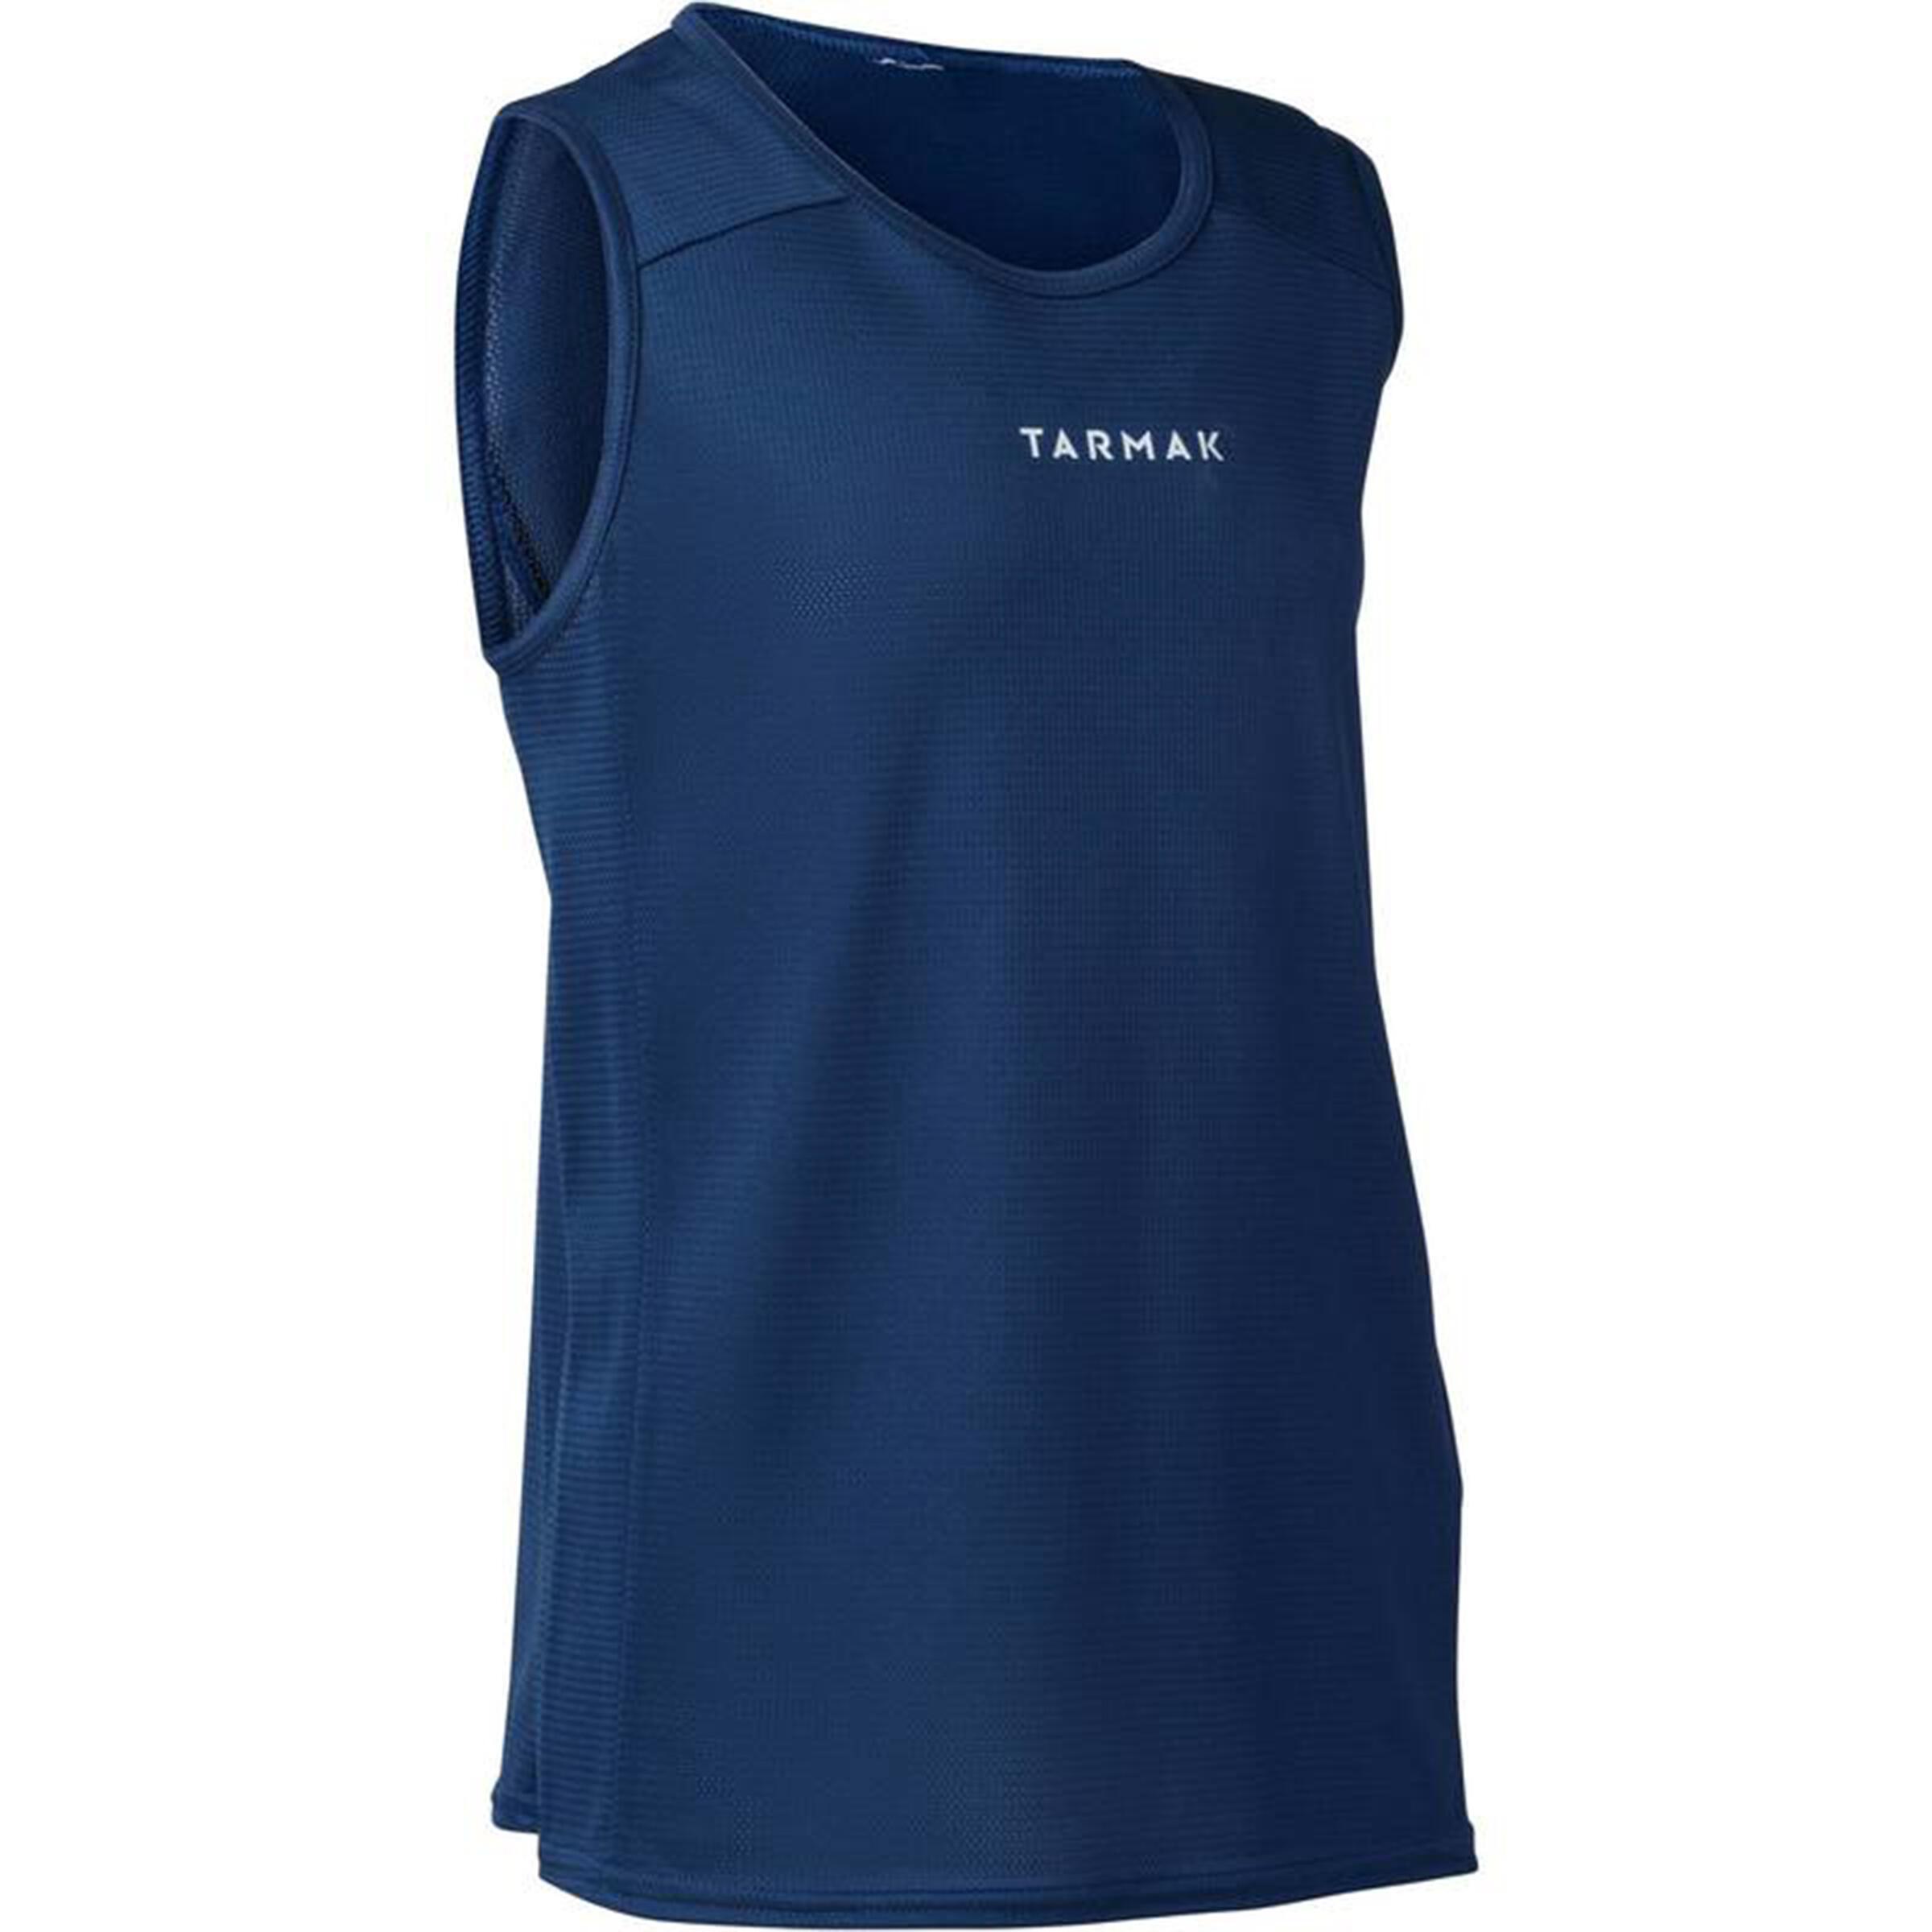 Tarmak Mouwloos basketbalshirt voor beginnende heren/dames T100 marineblauw